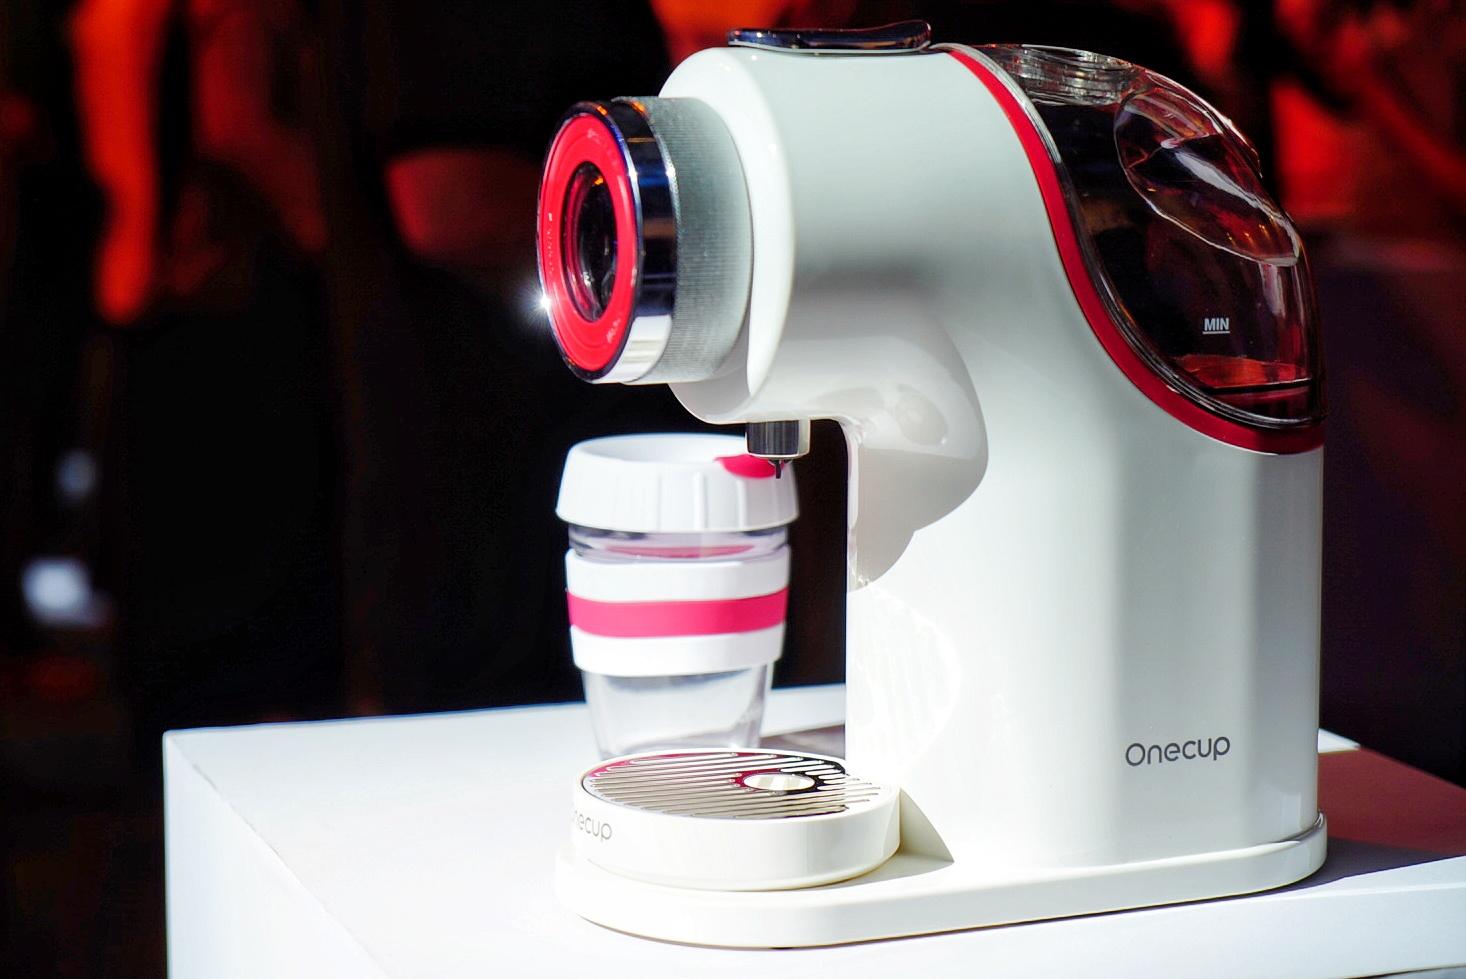 One cup新一代智能饮品机